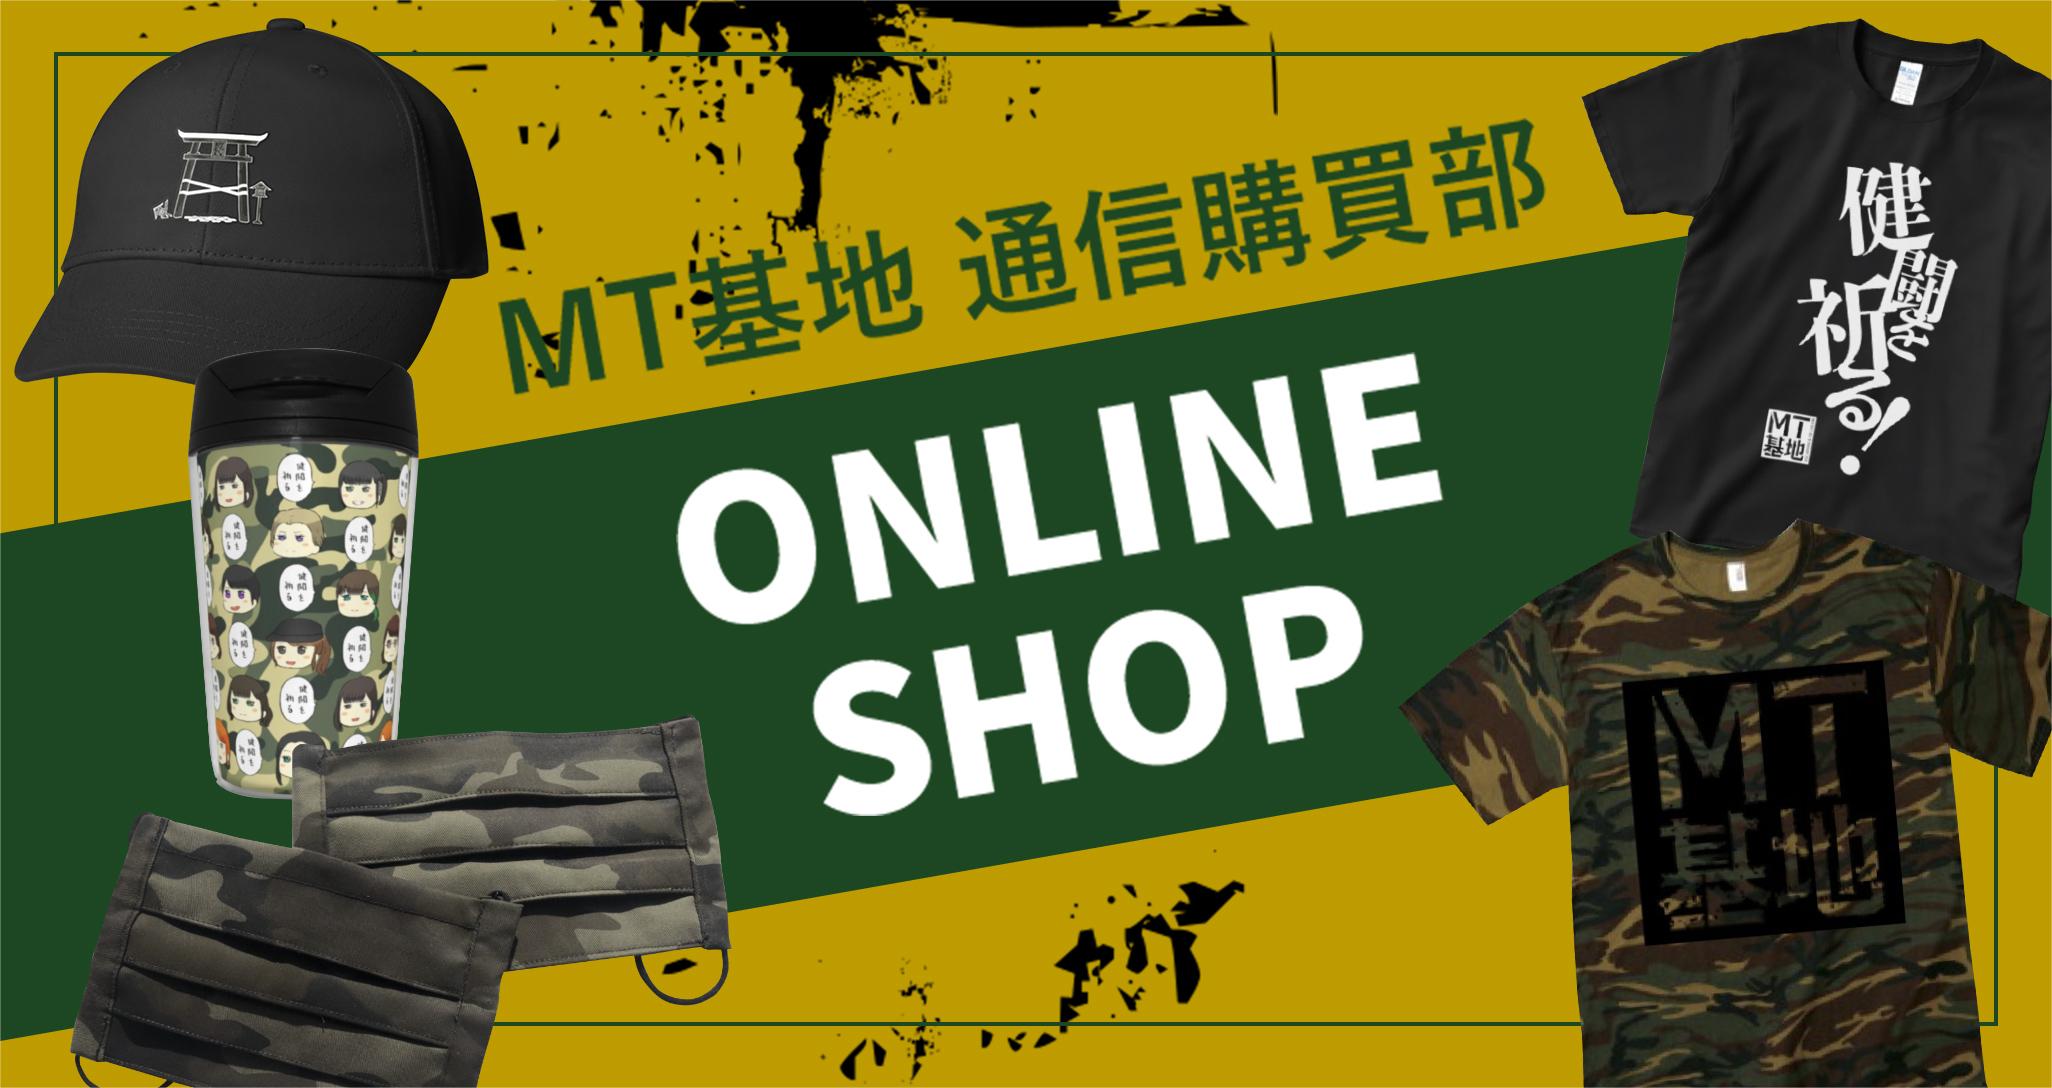 MT基地 通信購買部 ONLINE SHOP